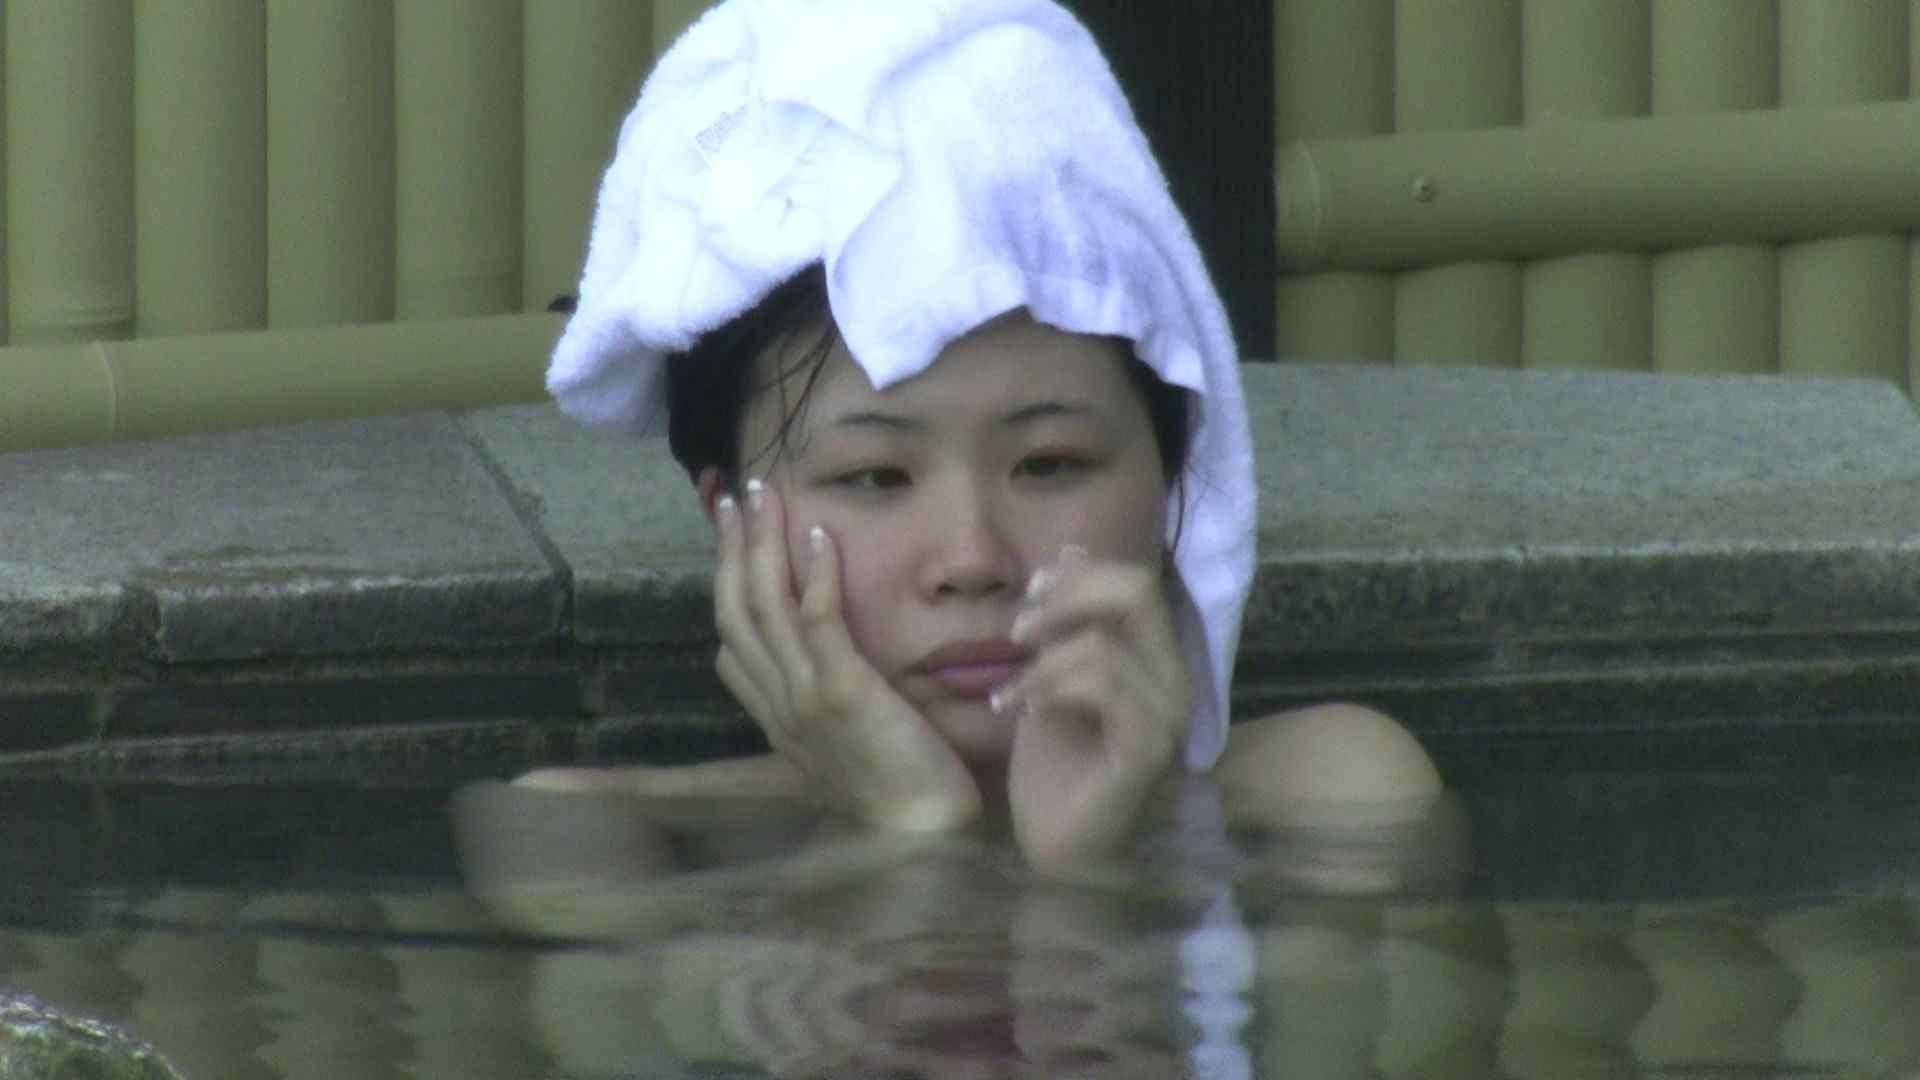 Aquaな露天風呂Vol.183 HなOL 盗撮動画紹介 106pic 7